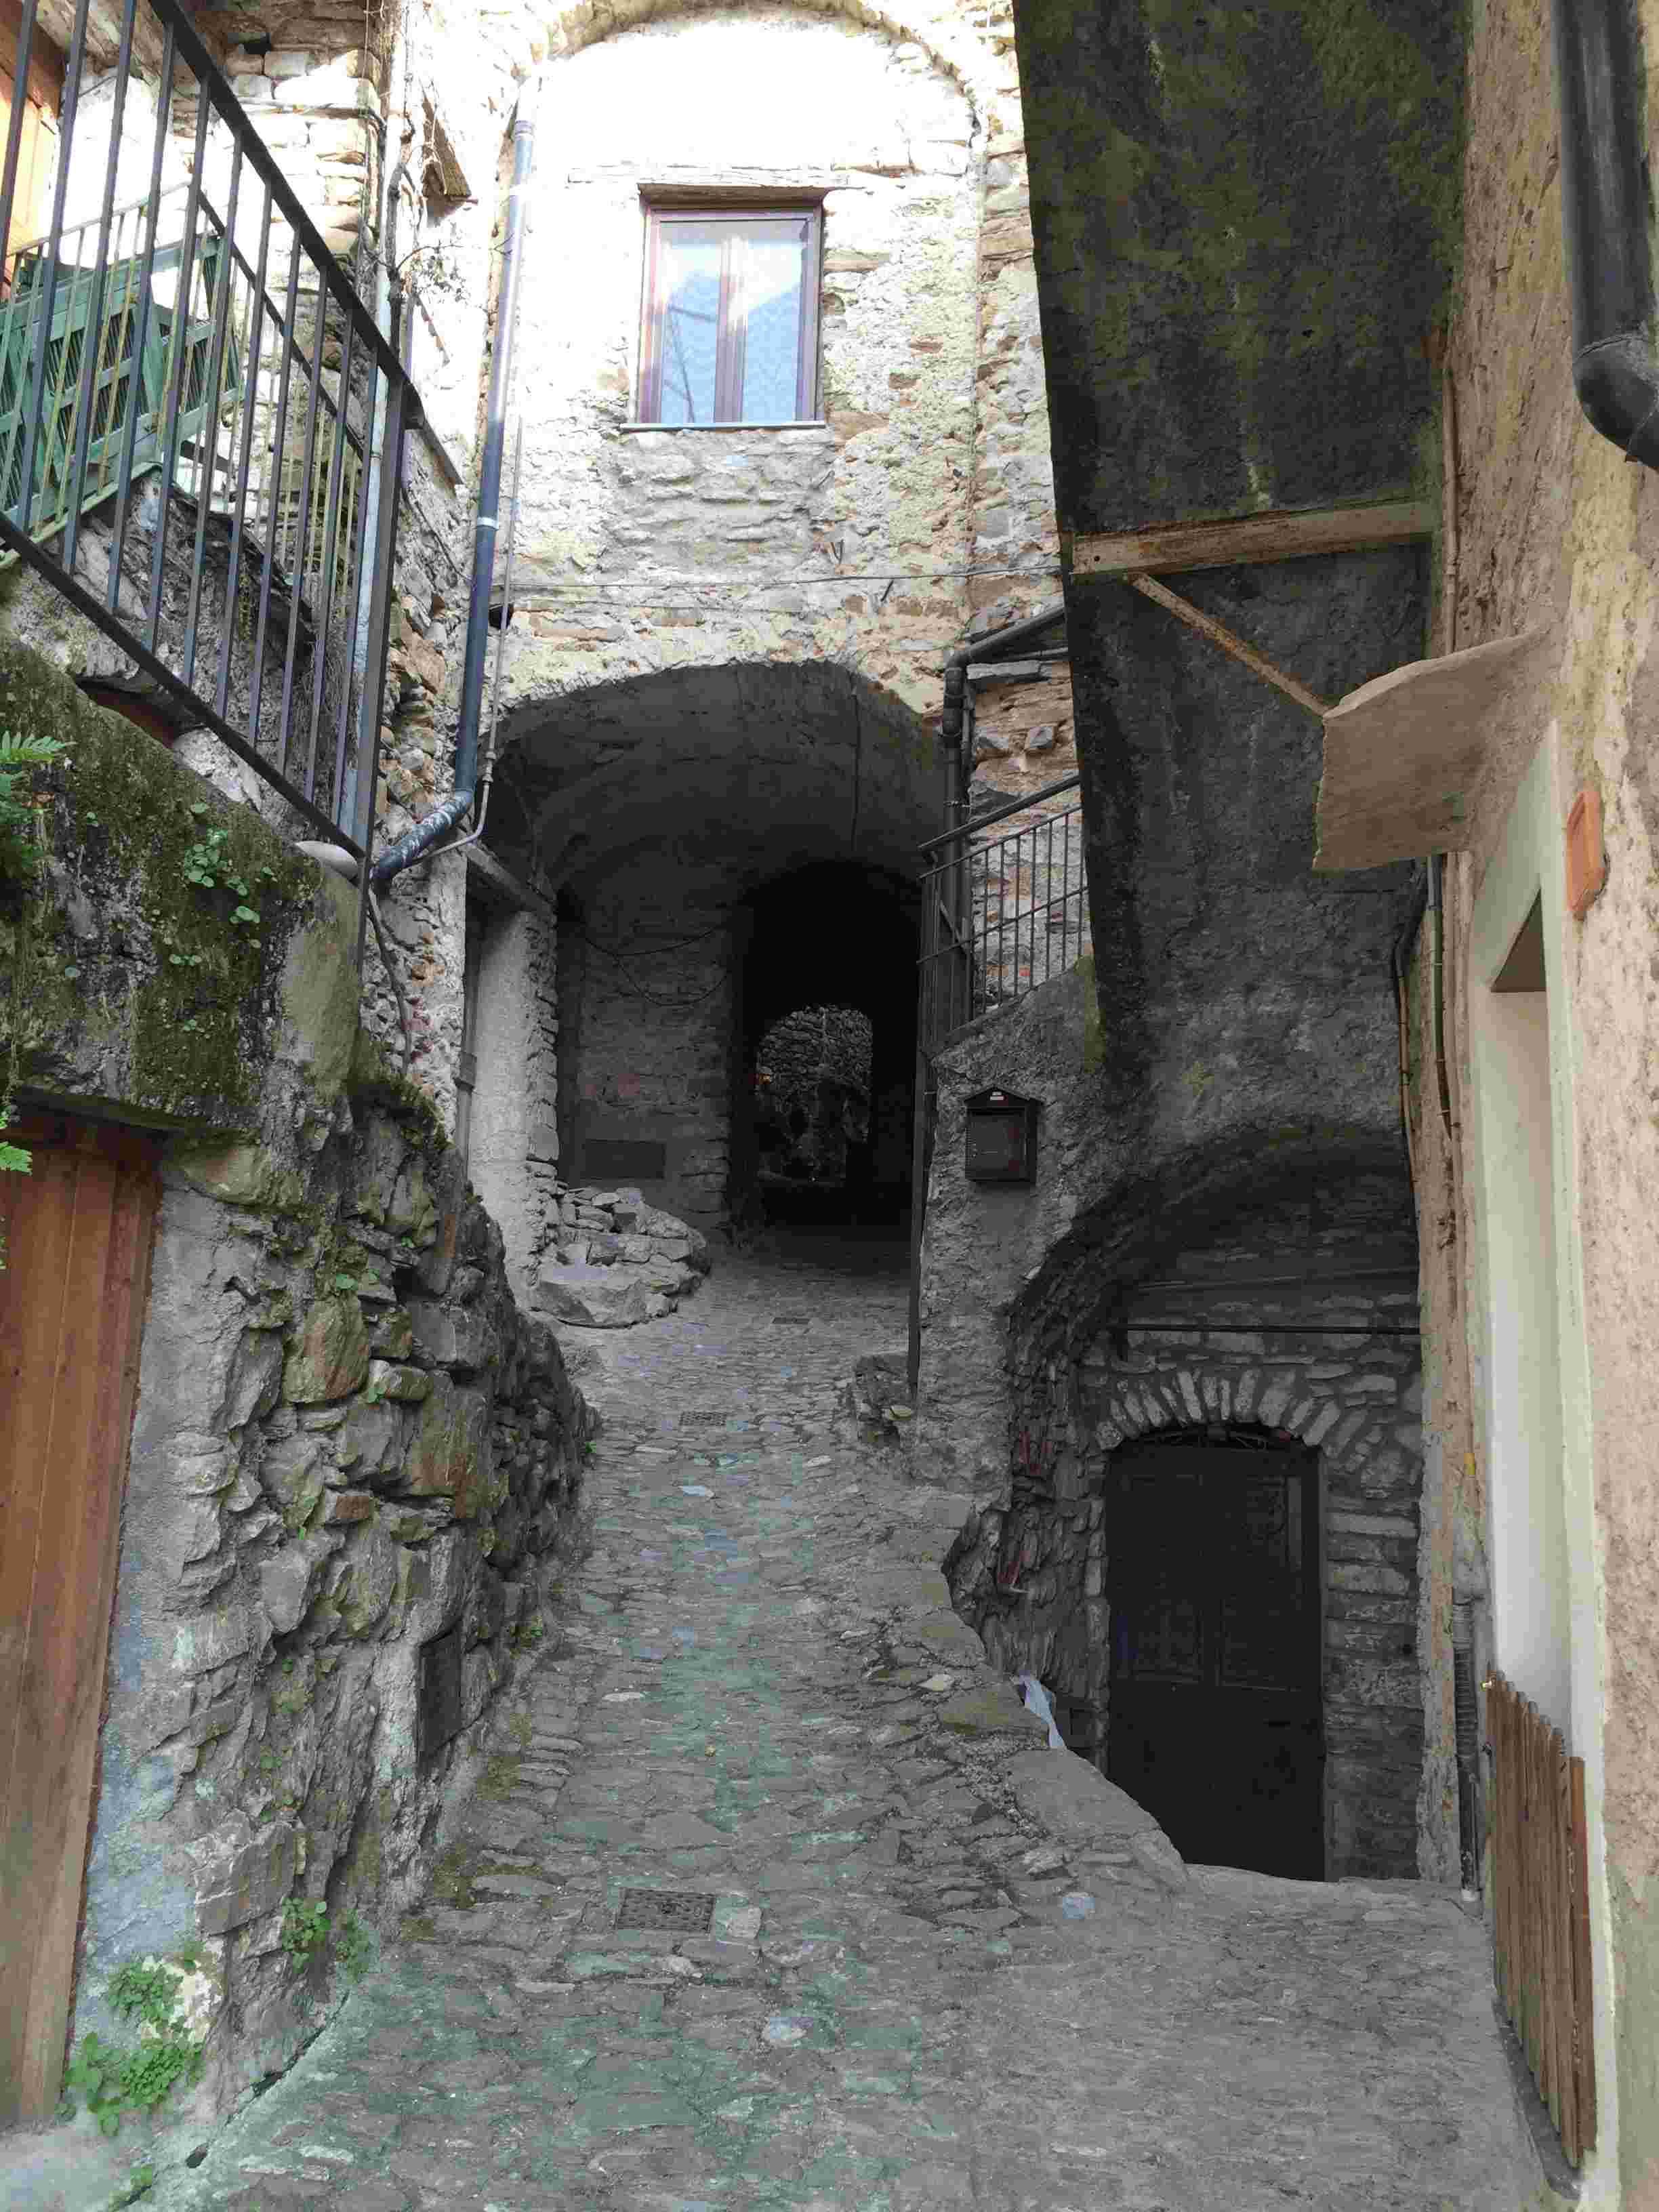 Apricale, le plus beau village d'Italie Aprica40